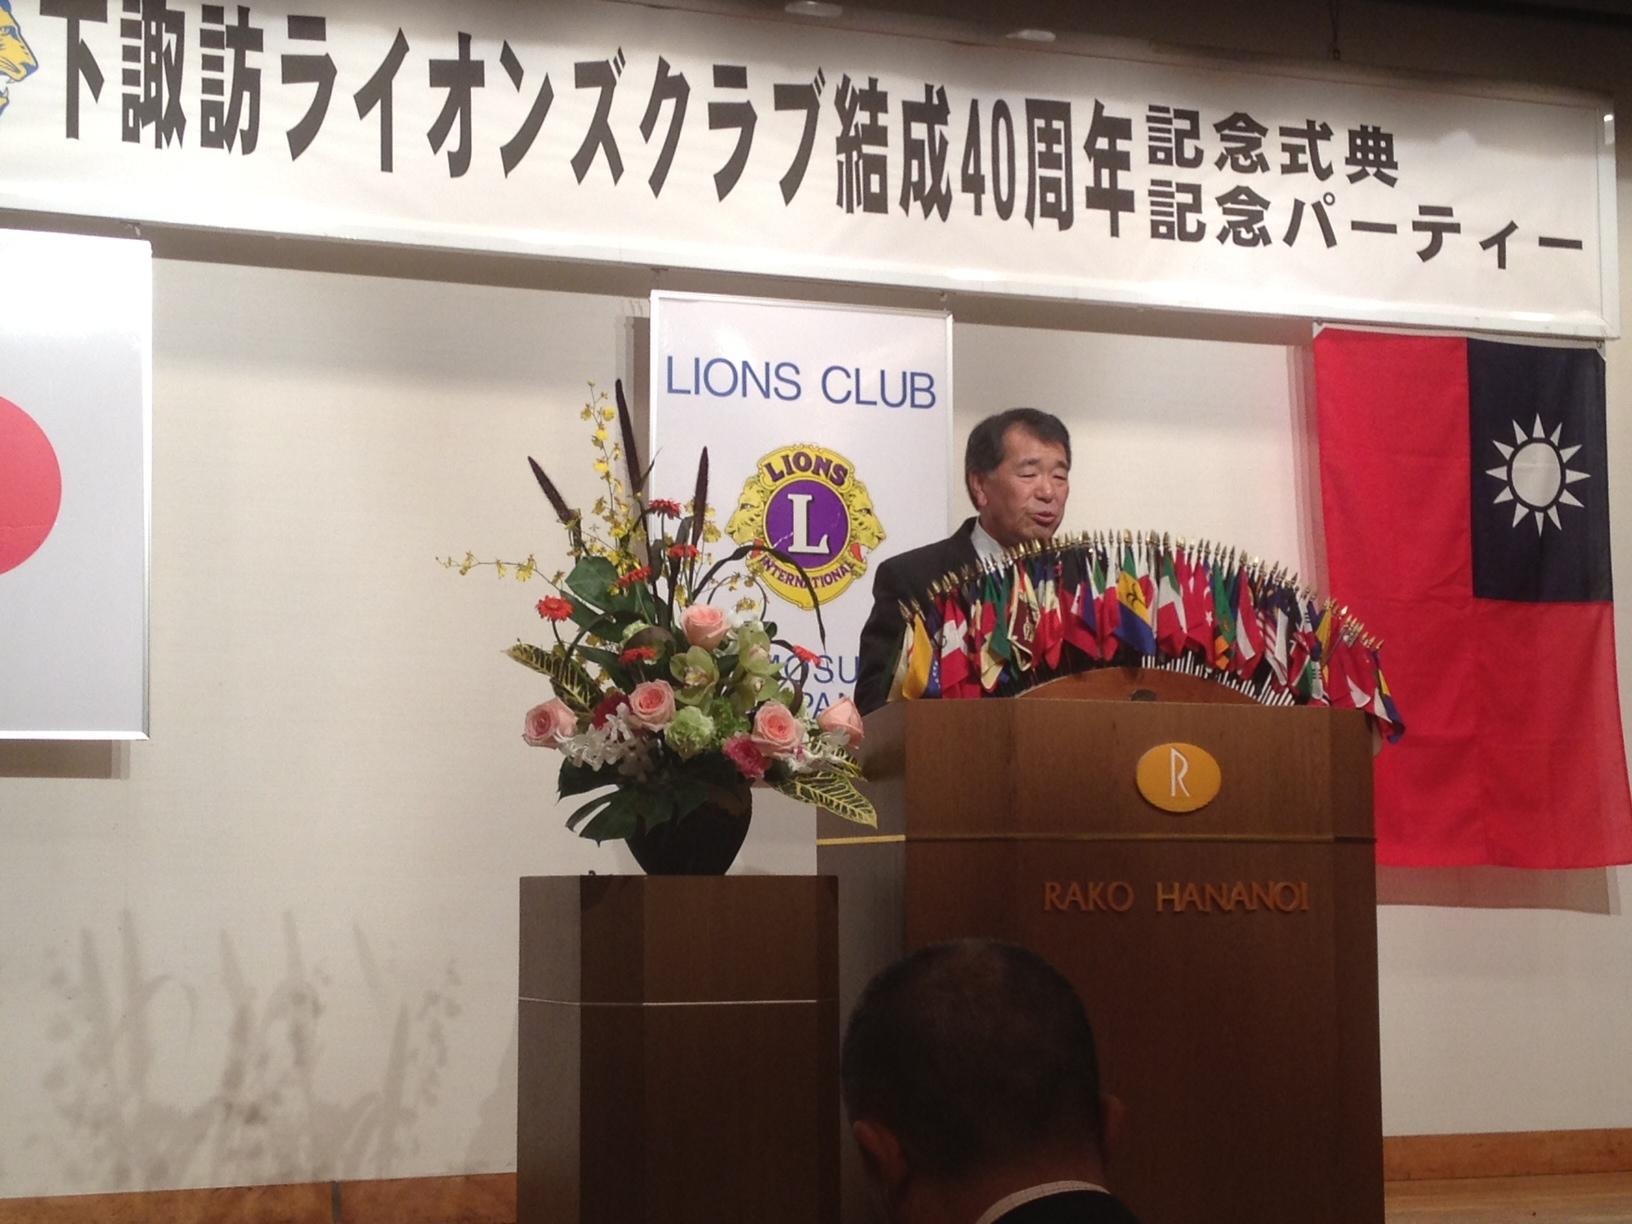 下諏訪LC結成40周年記念式典